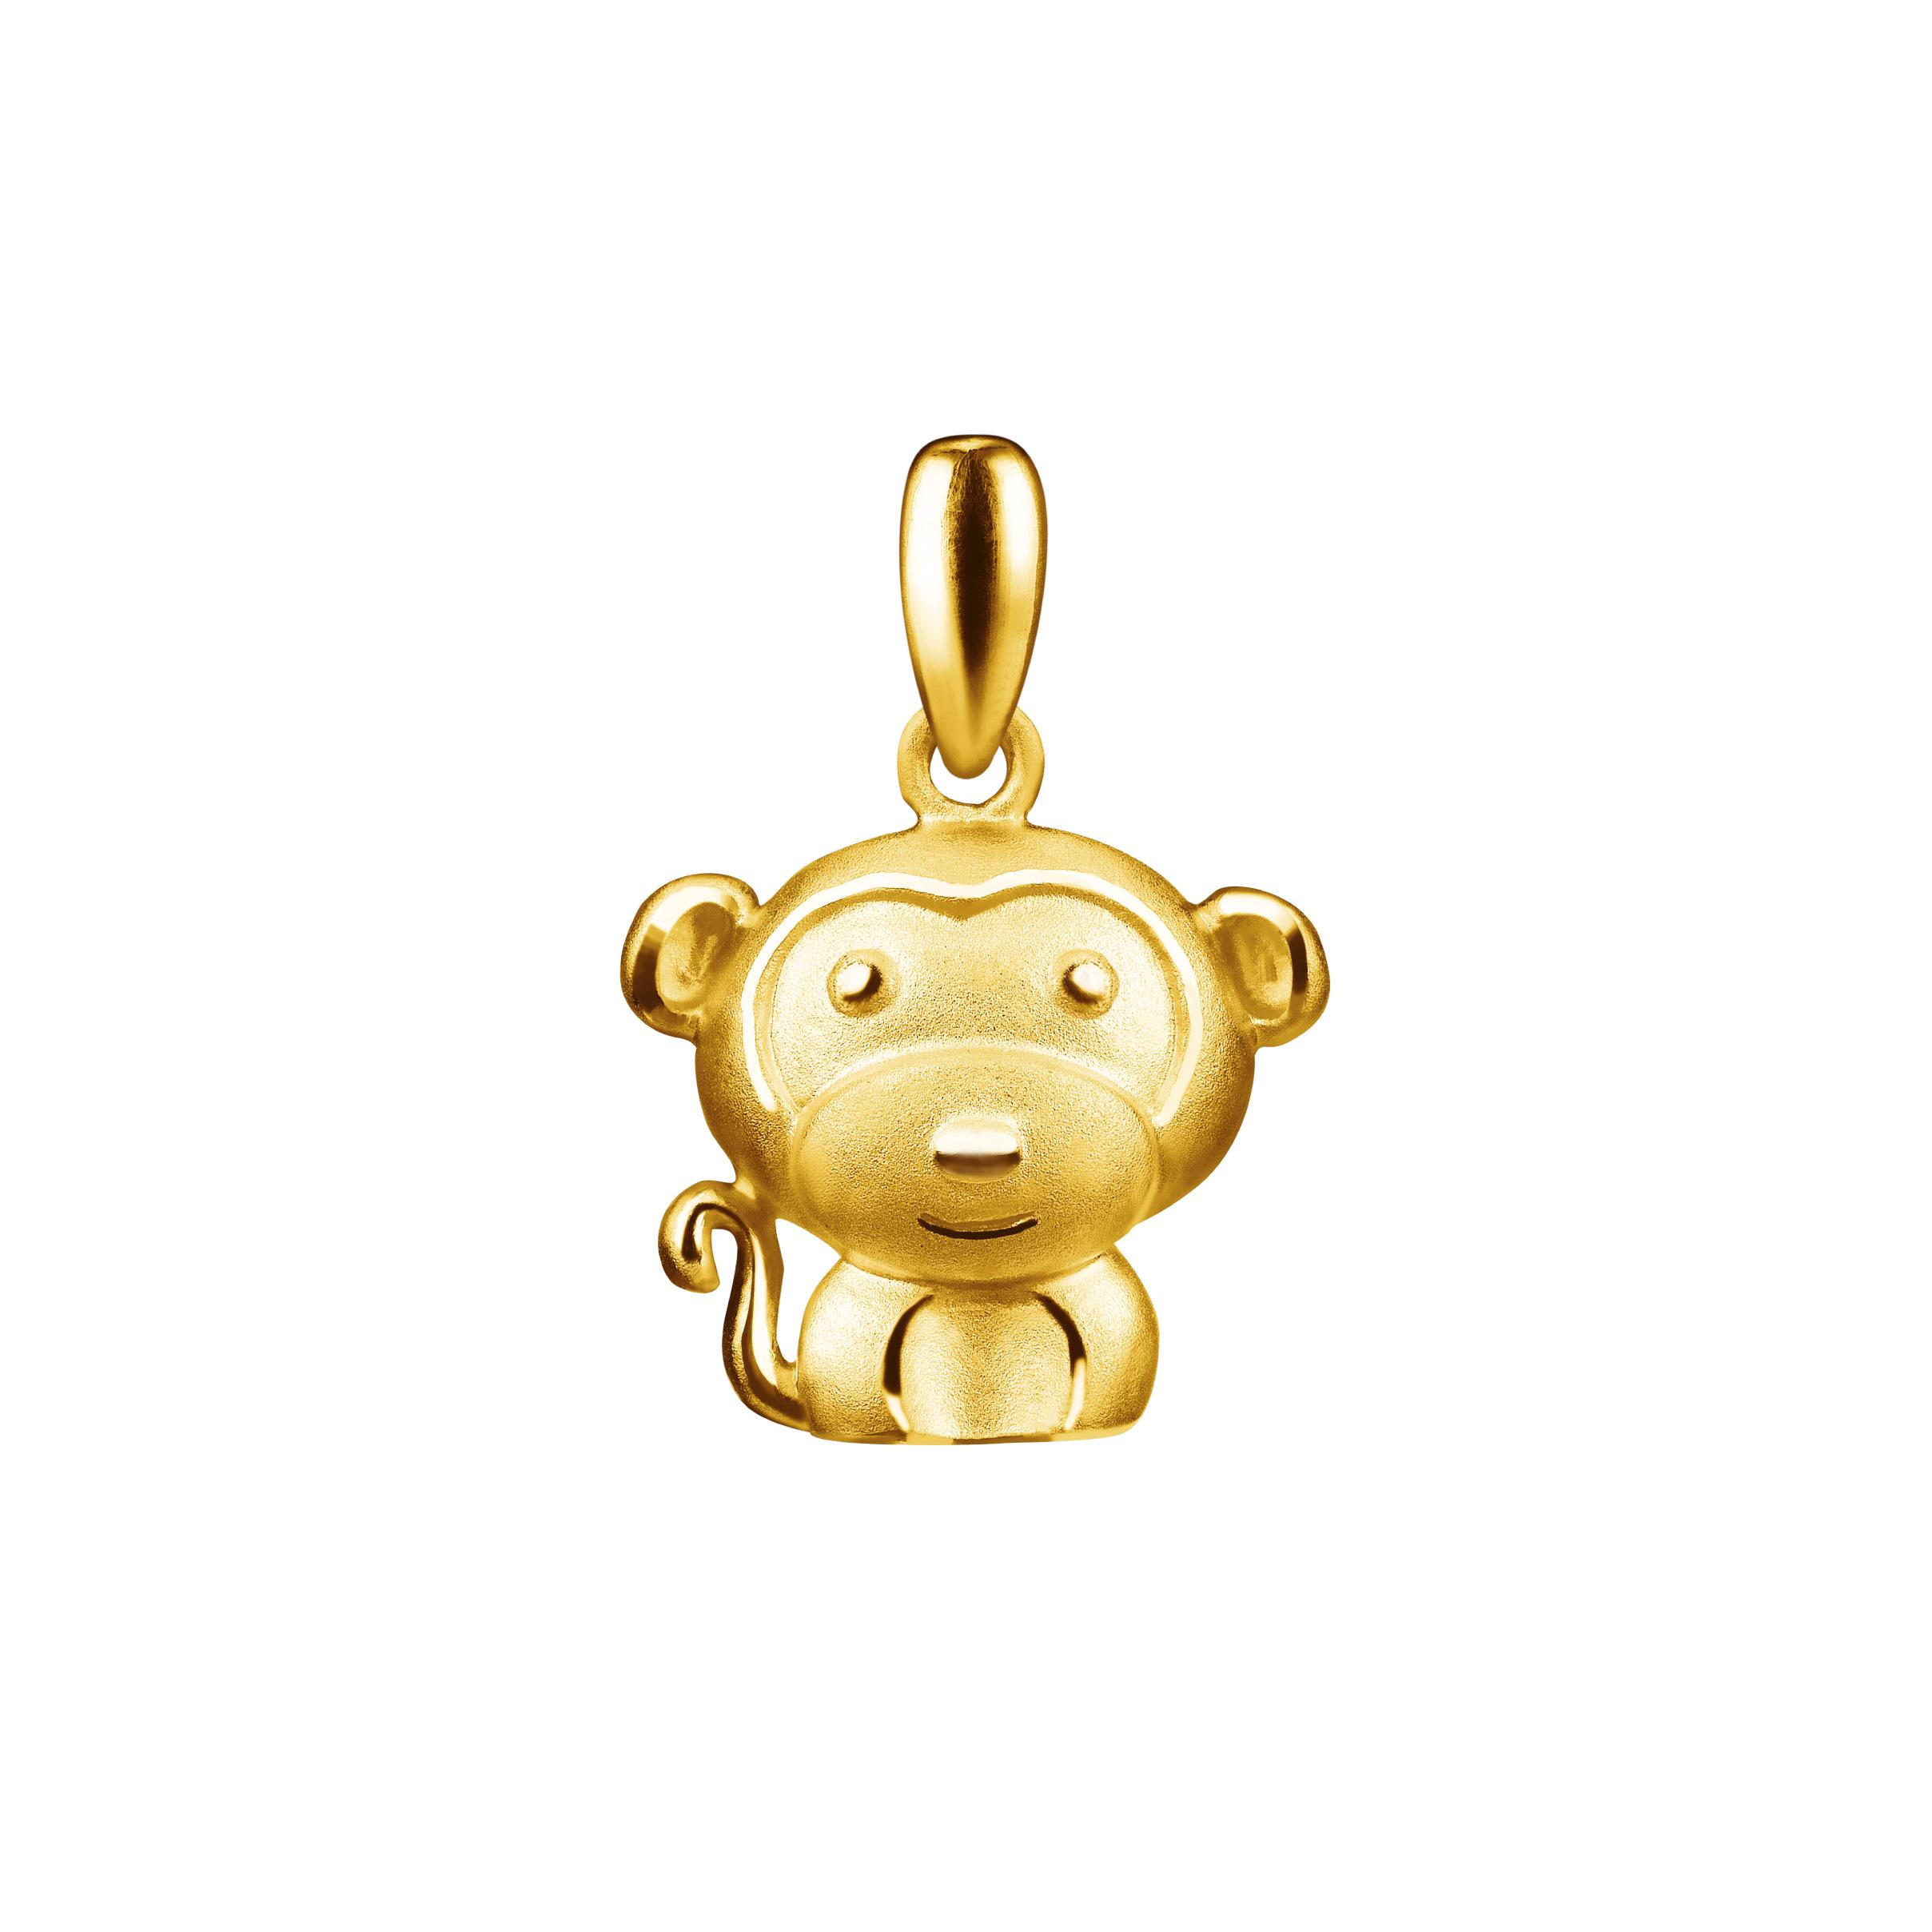 12 Chinese Zodiac Gold Pendant -Monkey